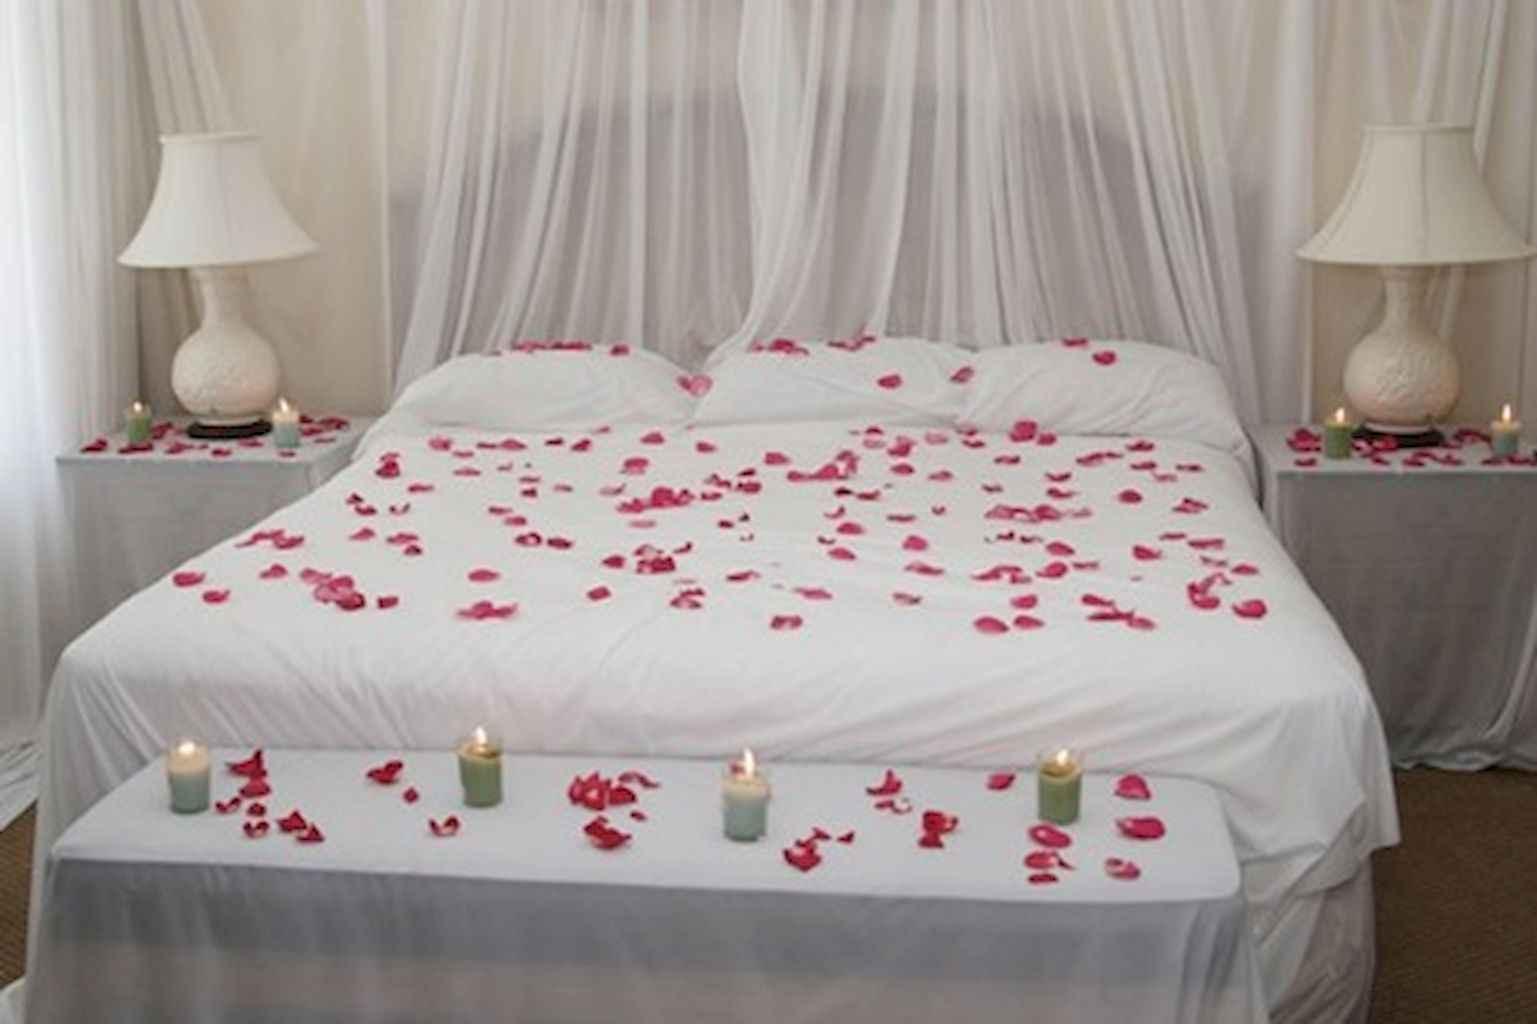 50 Romantic Valentine Bedroom Decor Ideas (48)